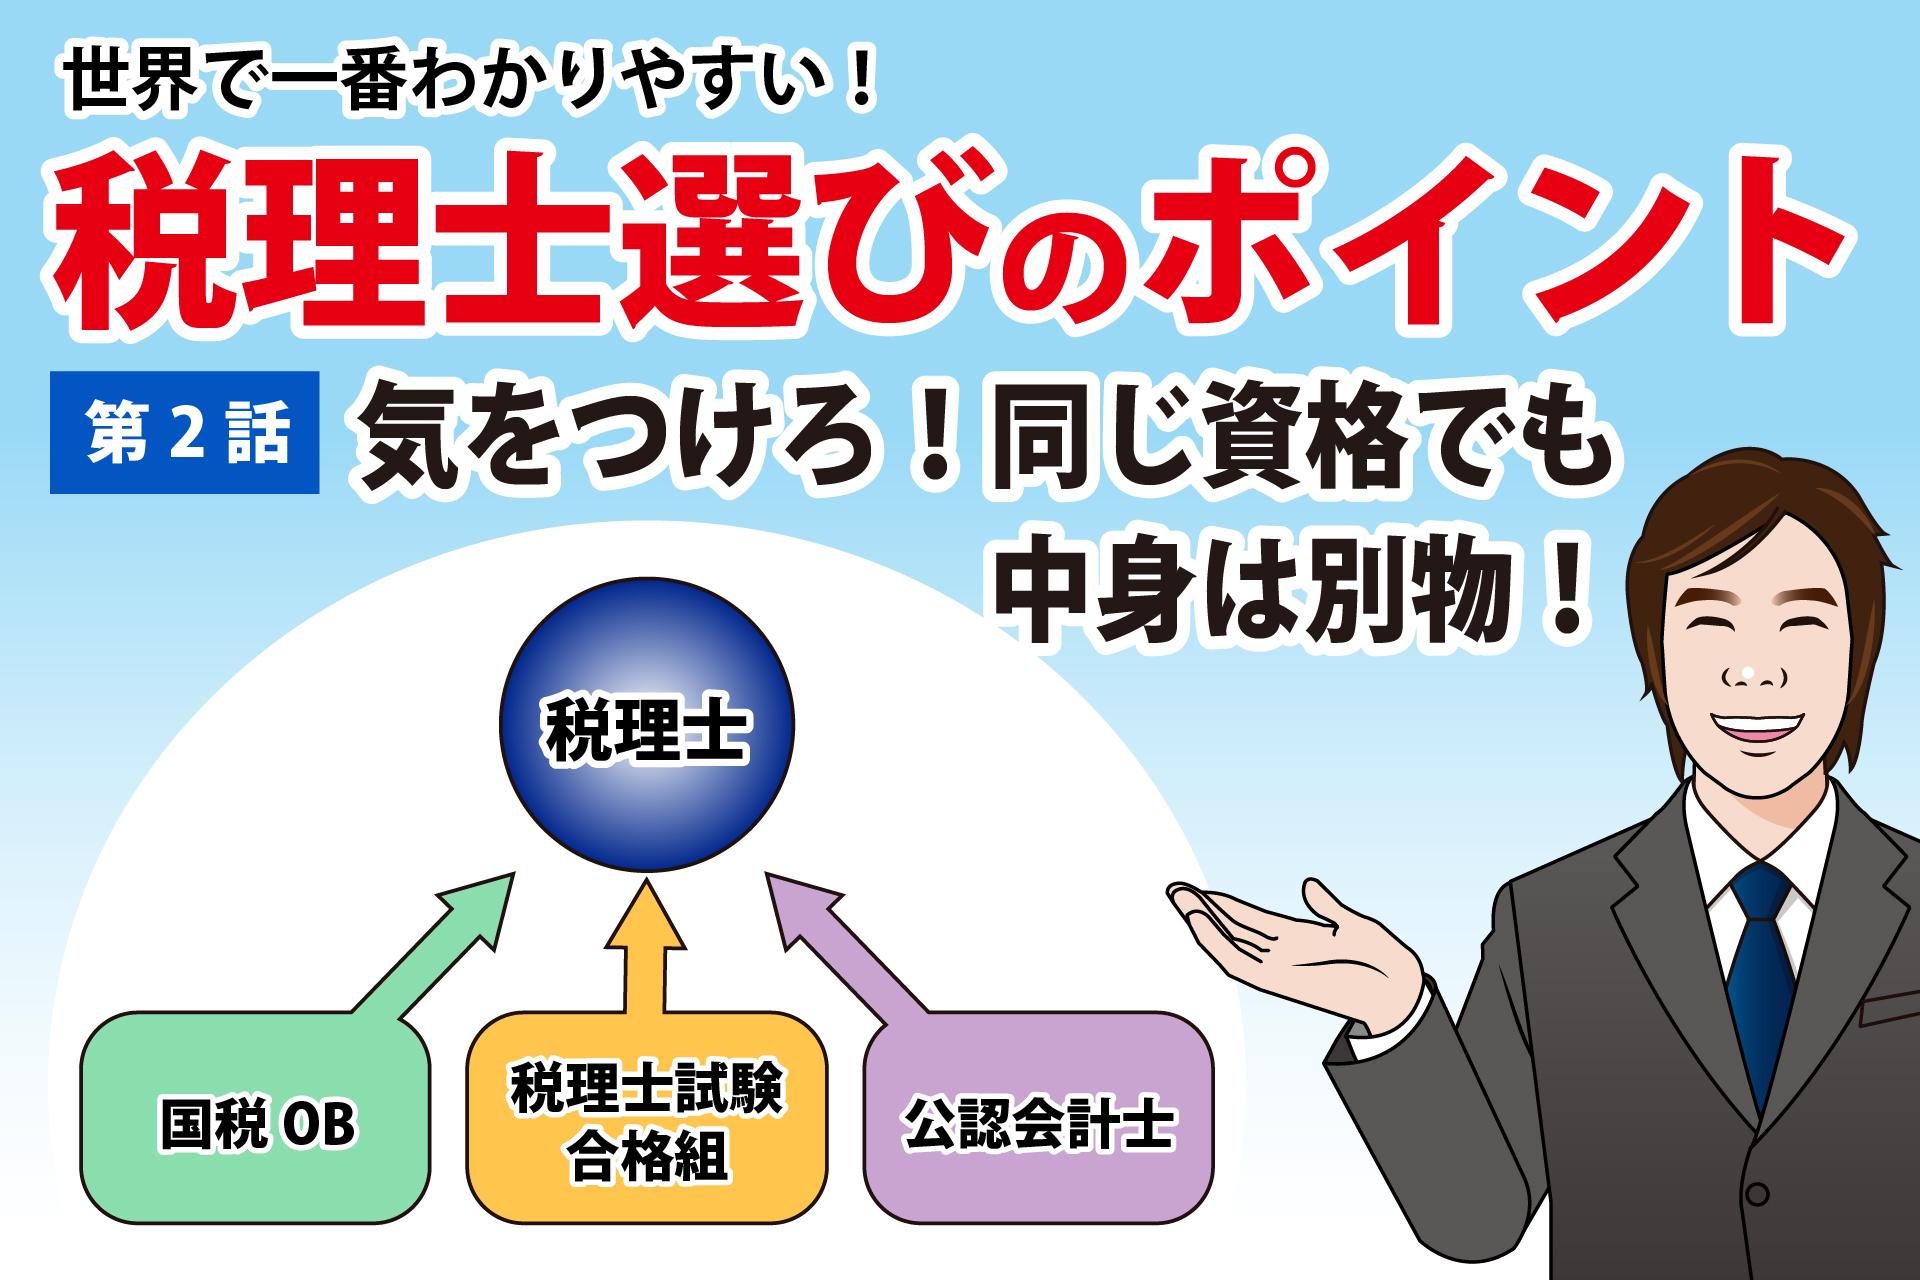 【税理士選び 第2話】税理士資格に気をつけろ!同じ資格でも中身は別物!?